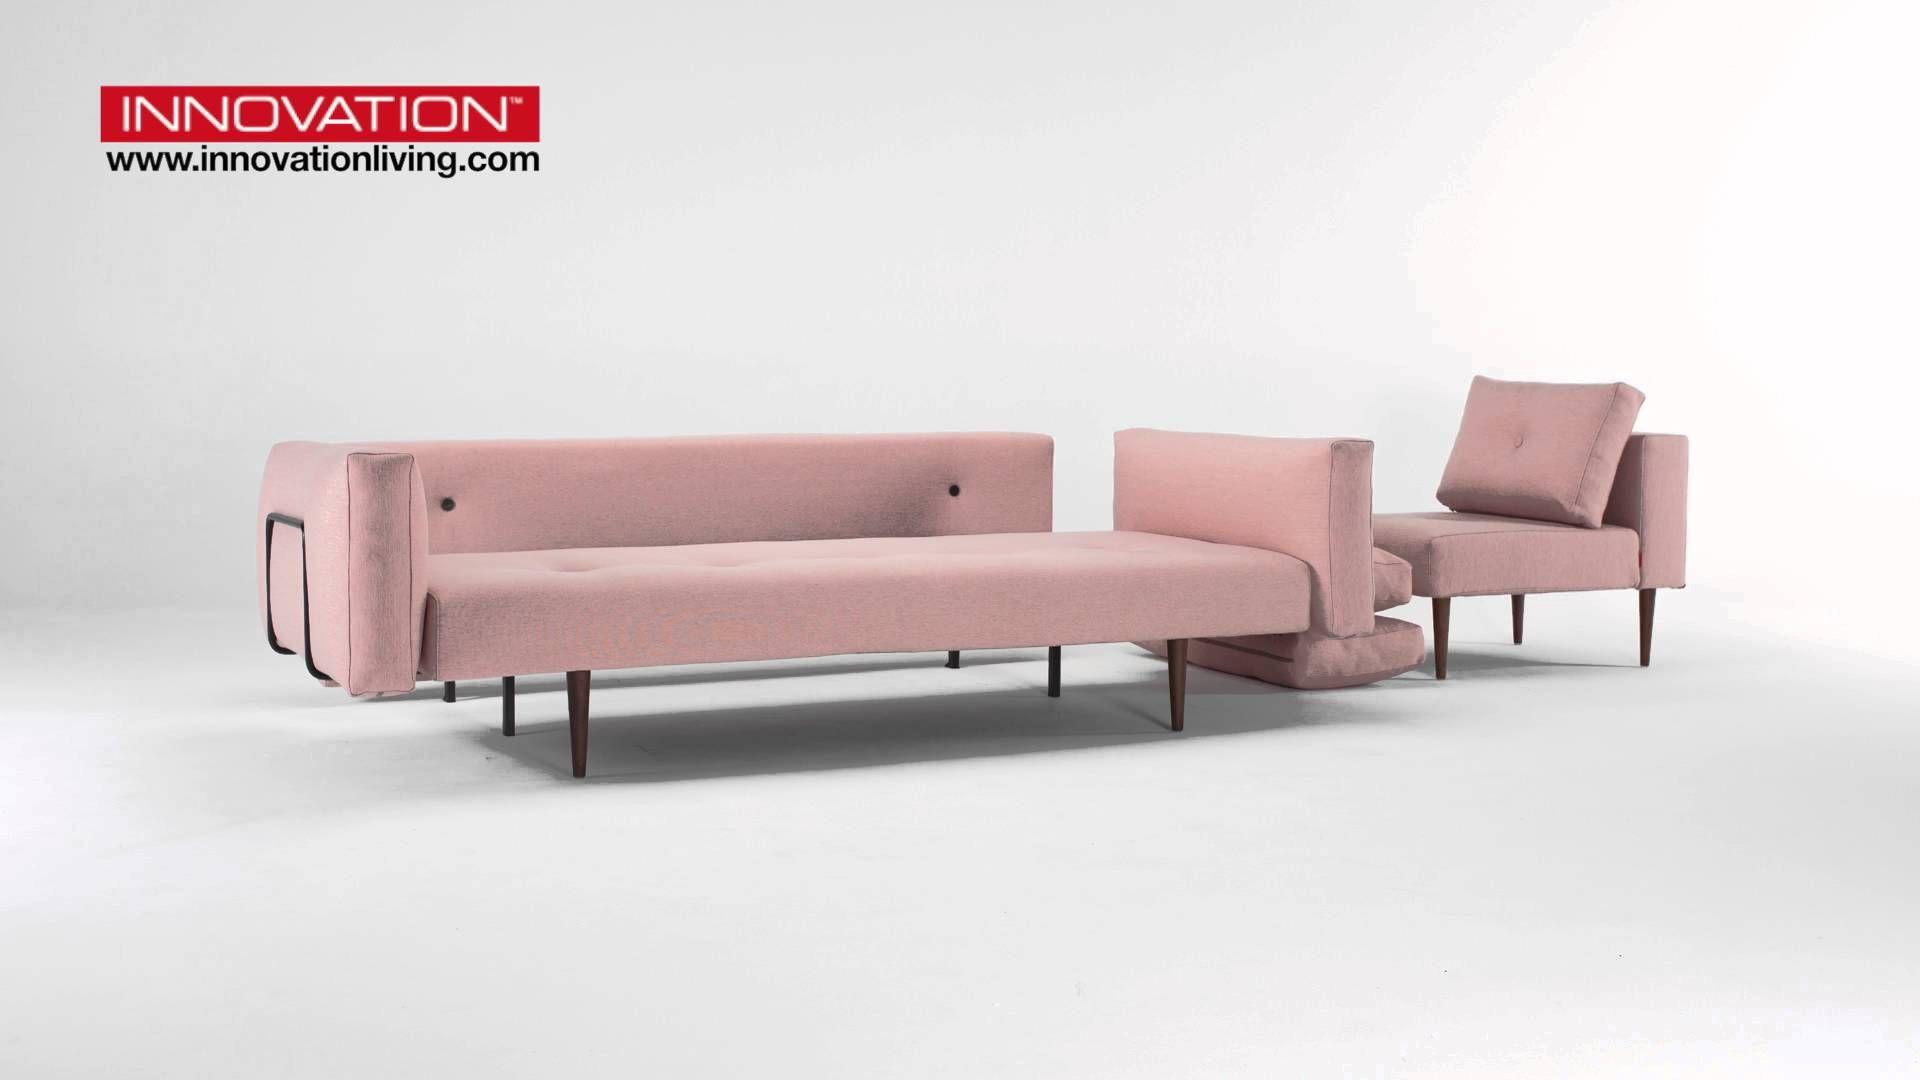 Innovation Sofa Bed Malaysia Mjob Blog